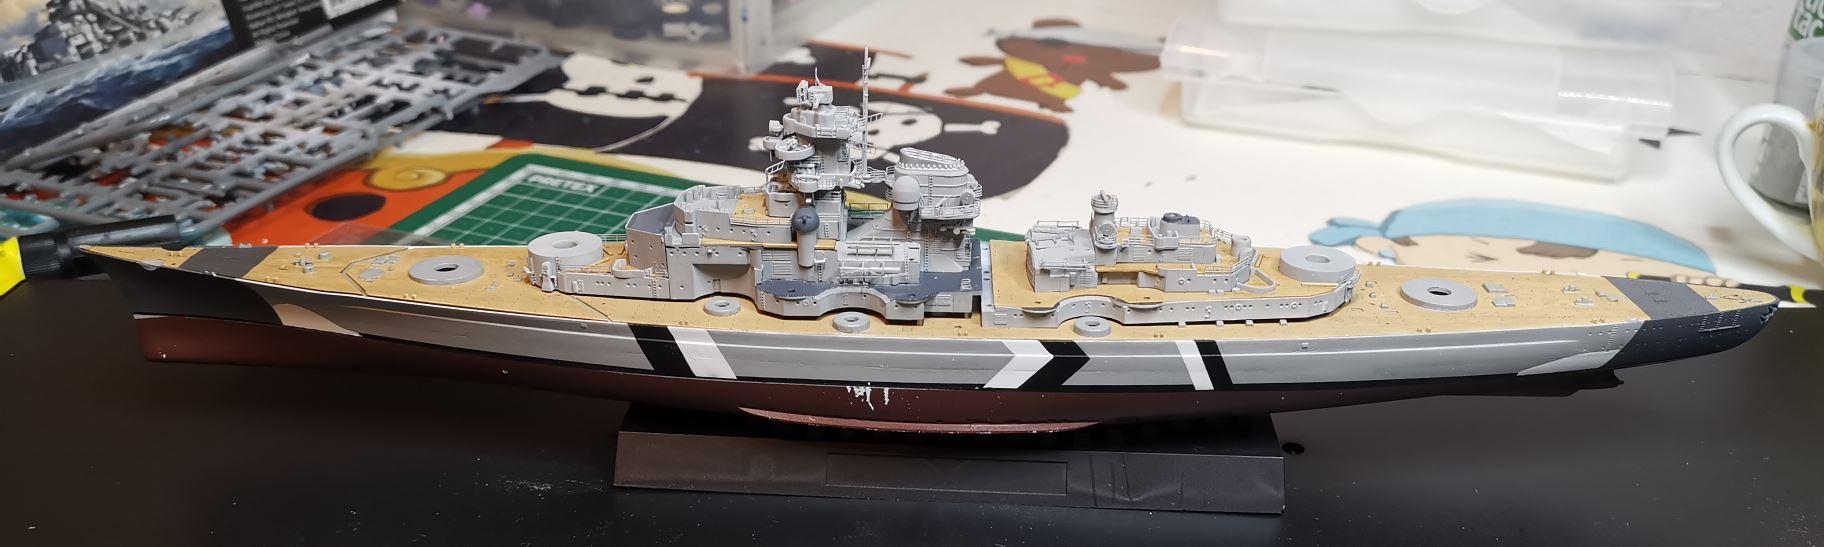 Bismarck MENG au 1/700e kit de PE Eduard - Page 6 250110